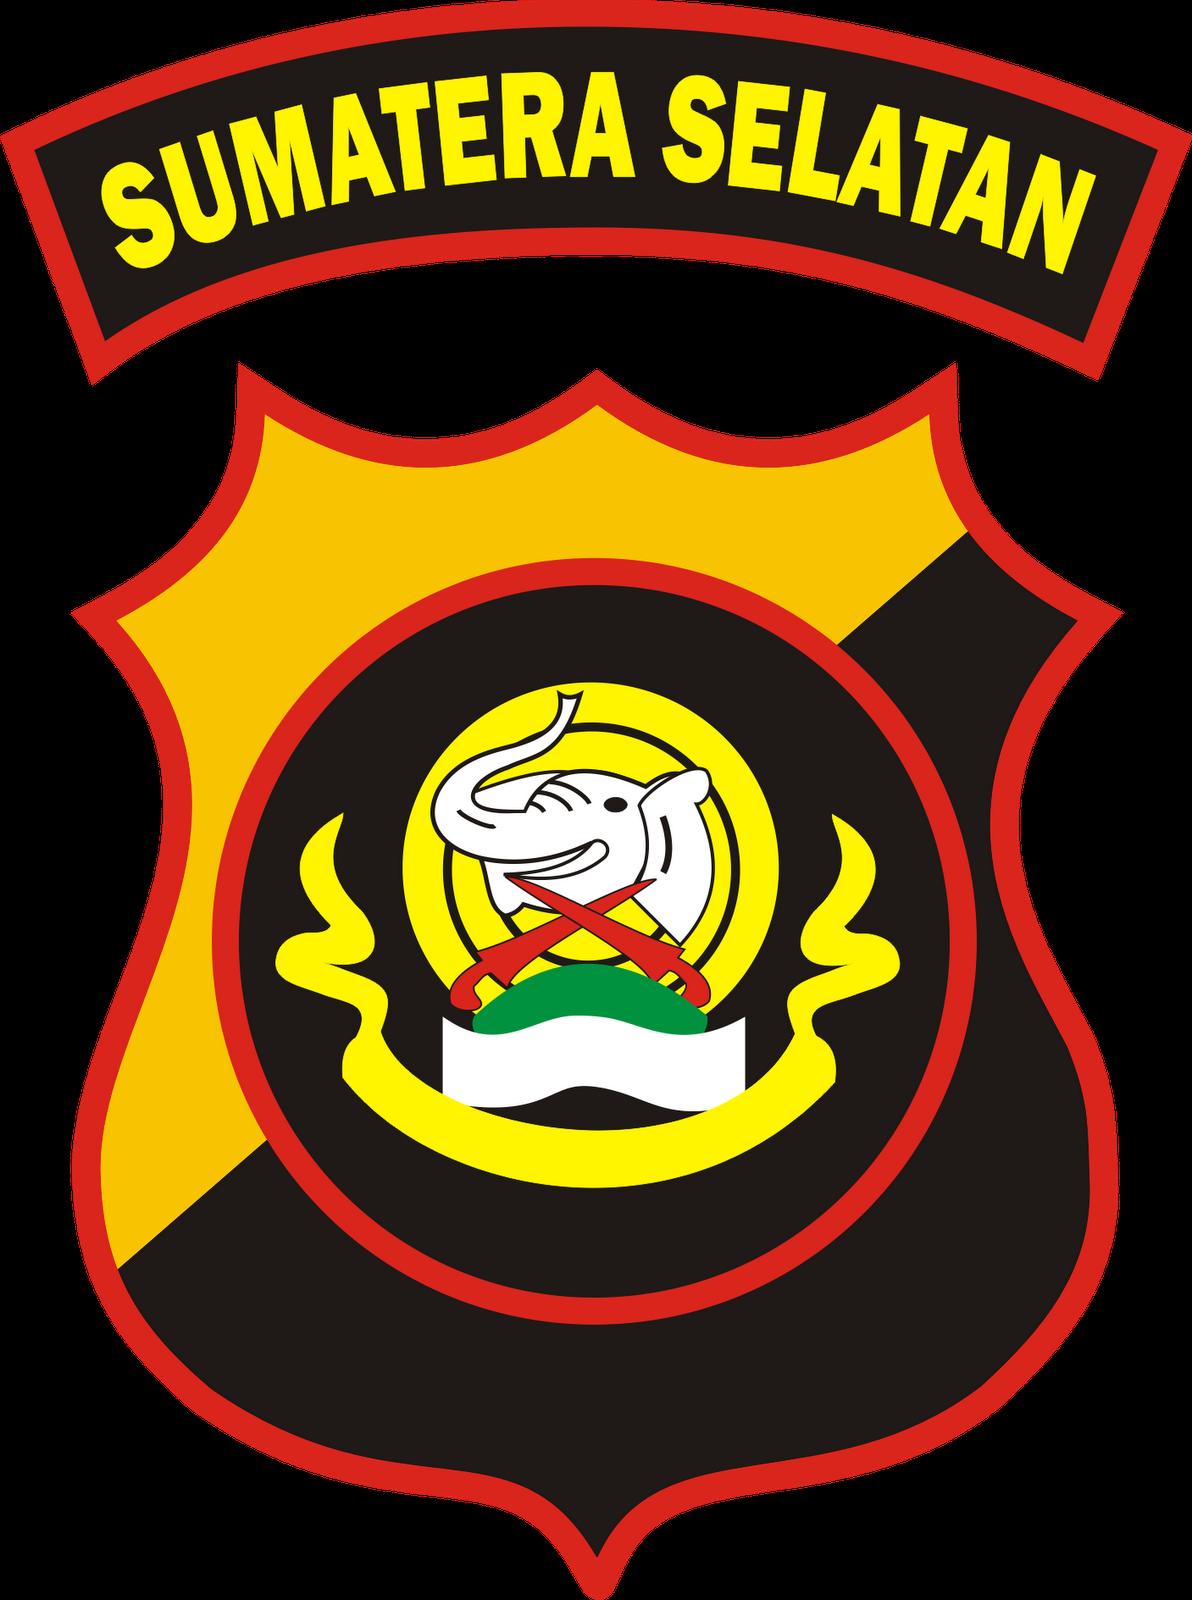 Logo Polda Kaltim Png : polda, kaltim, Polda, Sumatera, Selatan, Kalimantan, Timur, Madi's